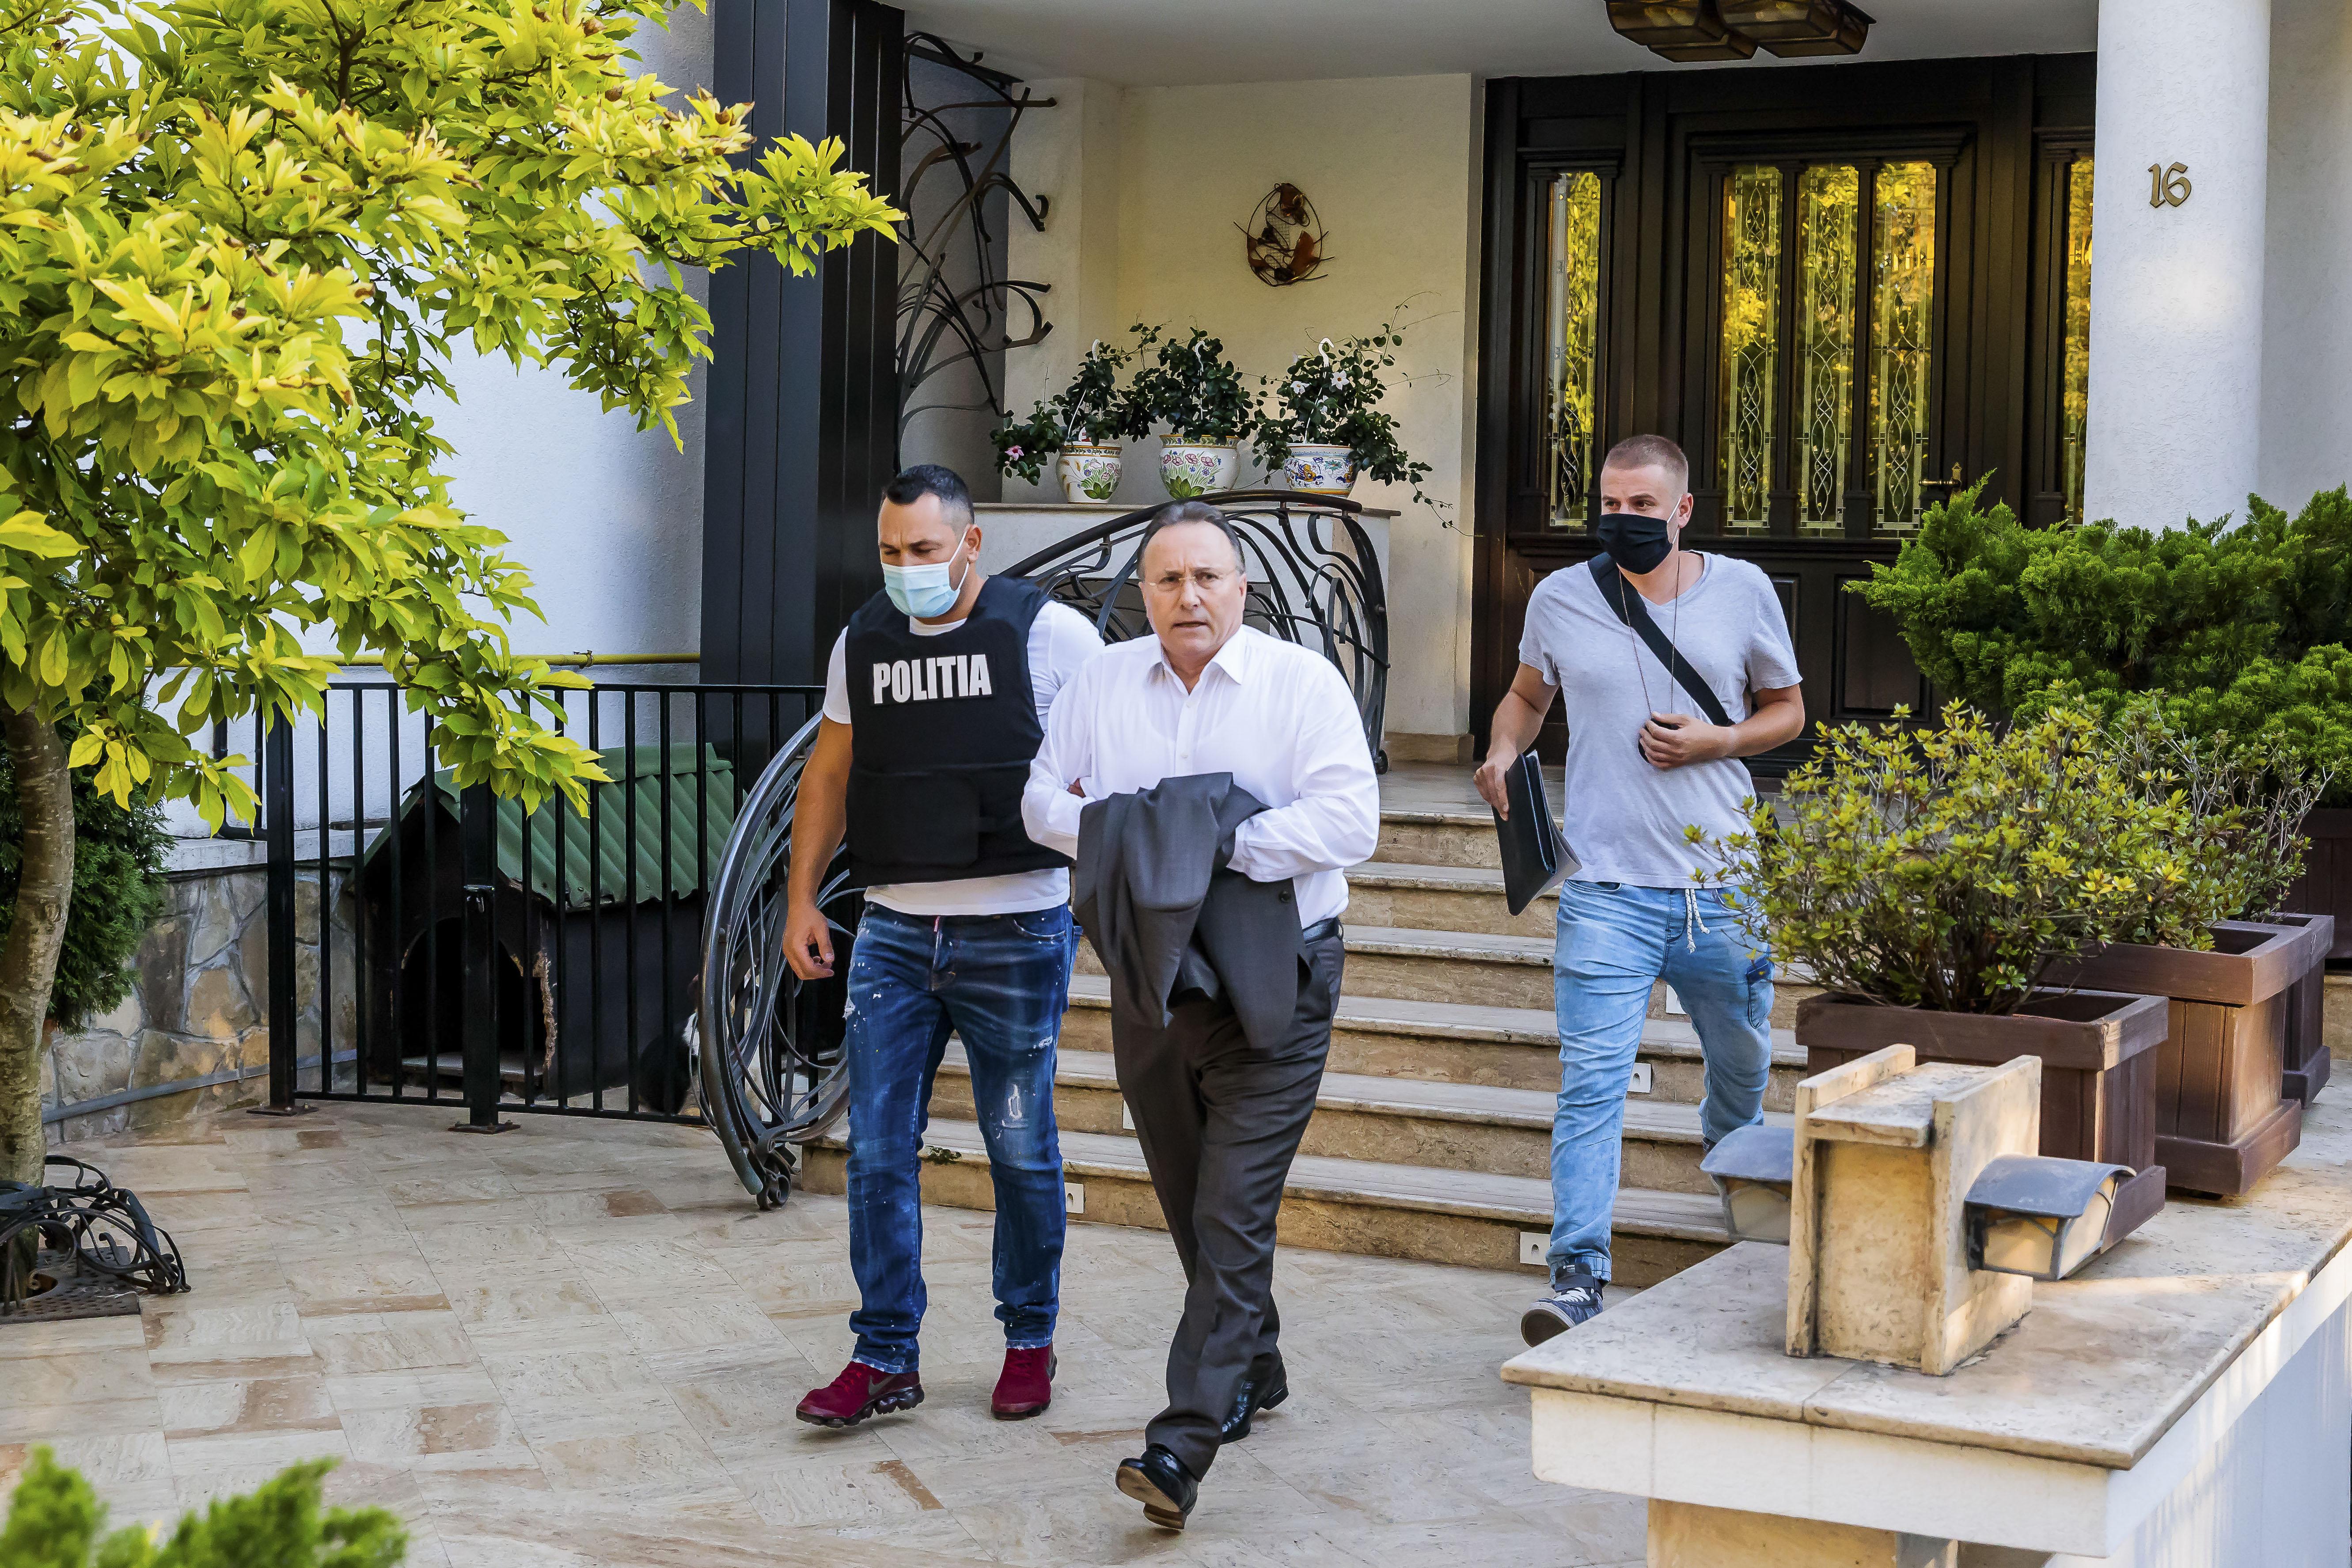 Fostul primar al Iaşului Gheorghe Nichita, condamnat cu executare pentru că şi-a spionat amanta